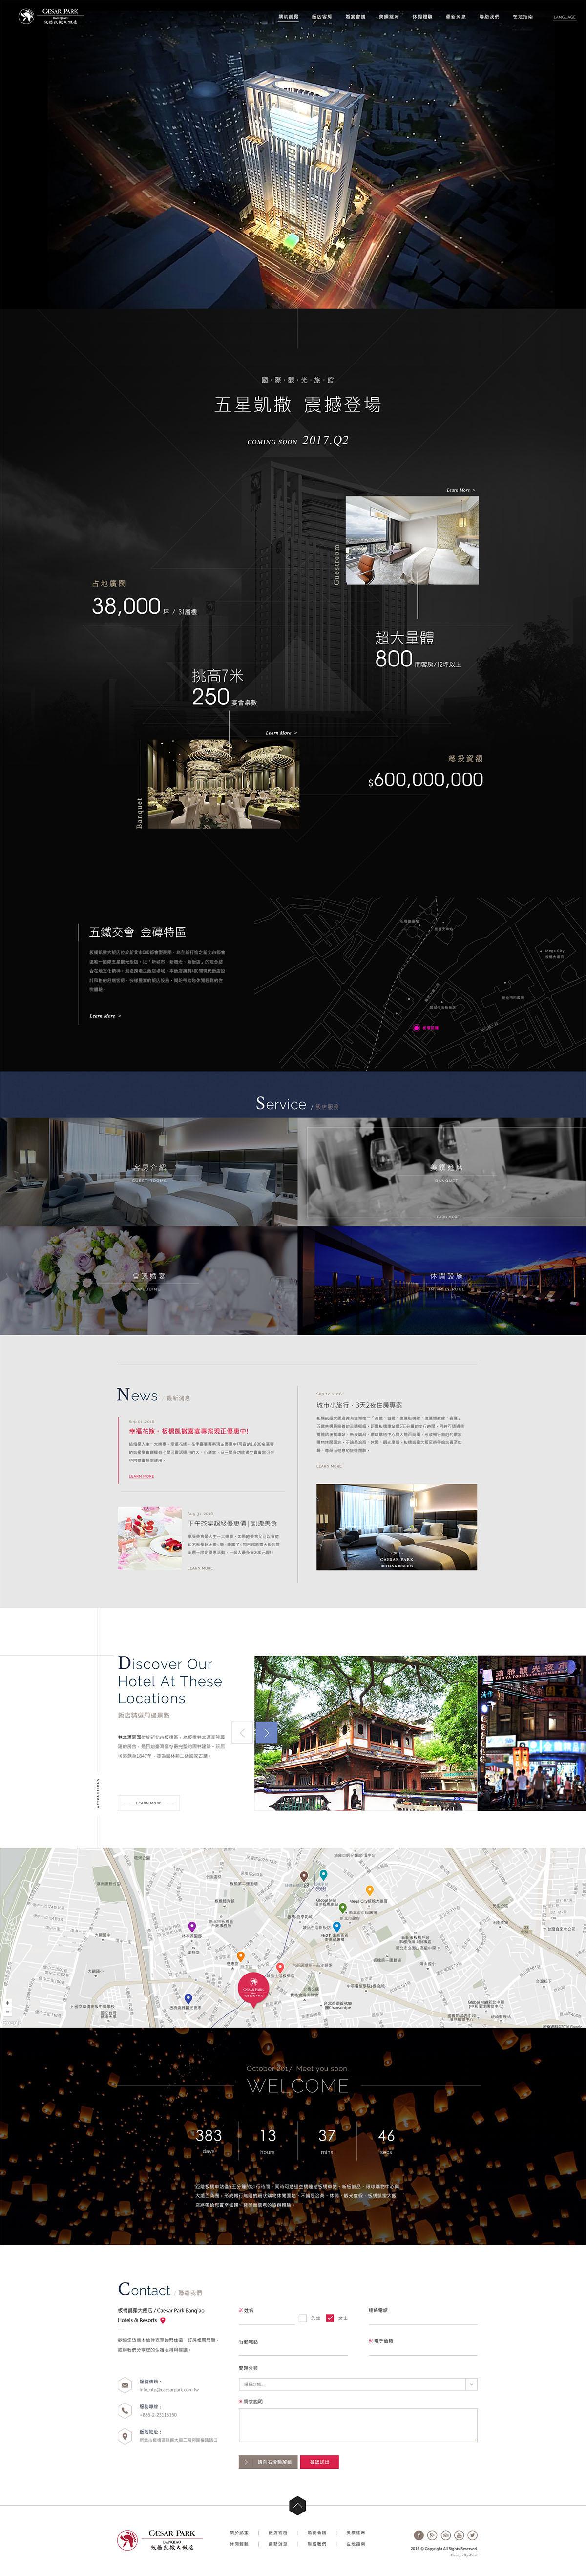 板橋凱撒大飯店 Coming Soon-網頁設計